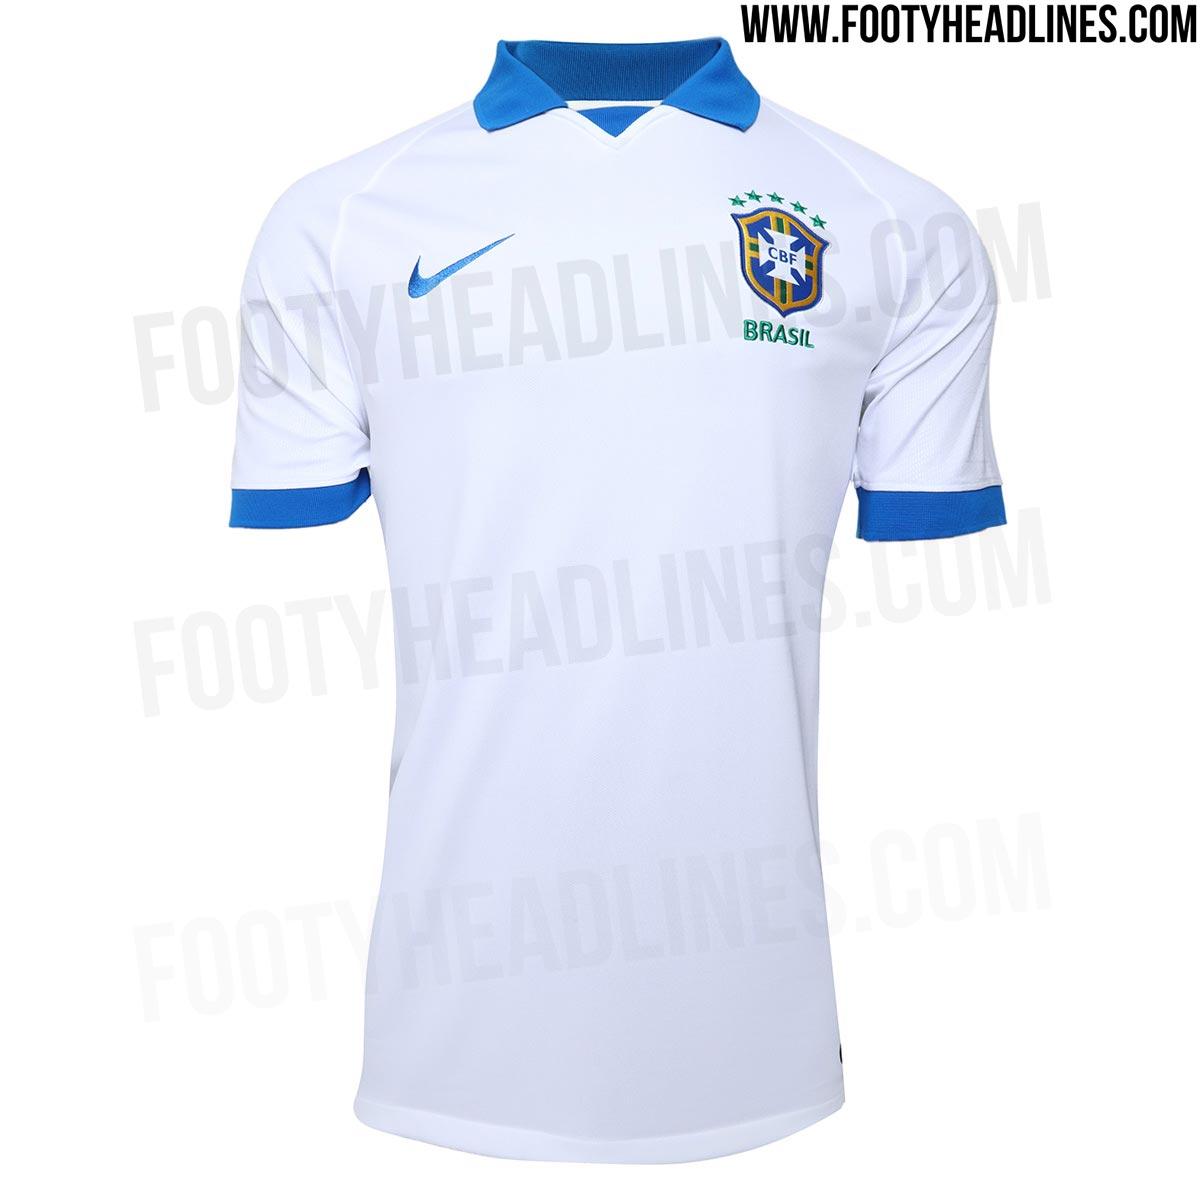 0-brazil-2019-kit-to-be-white-blue+%2528